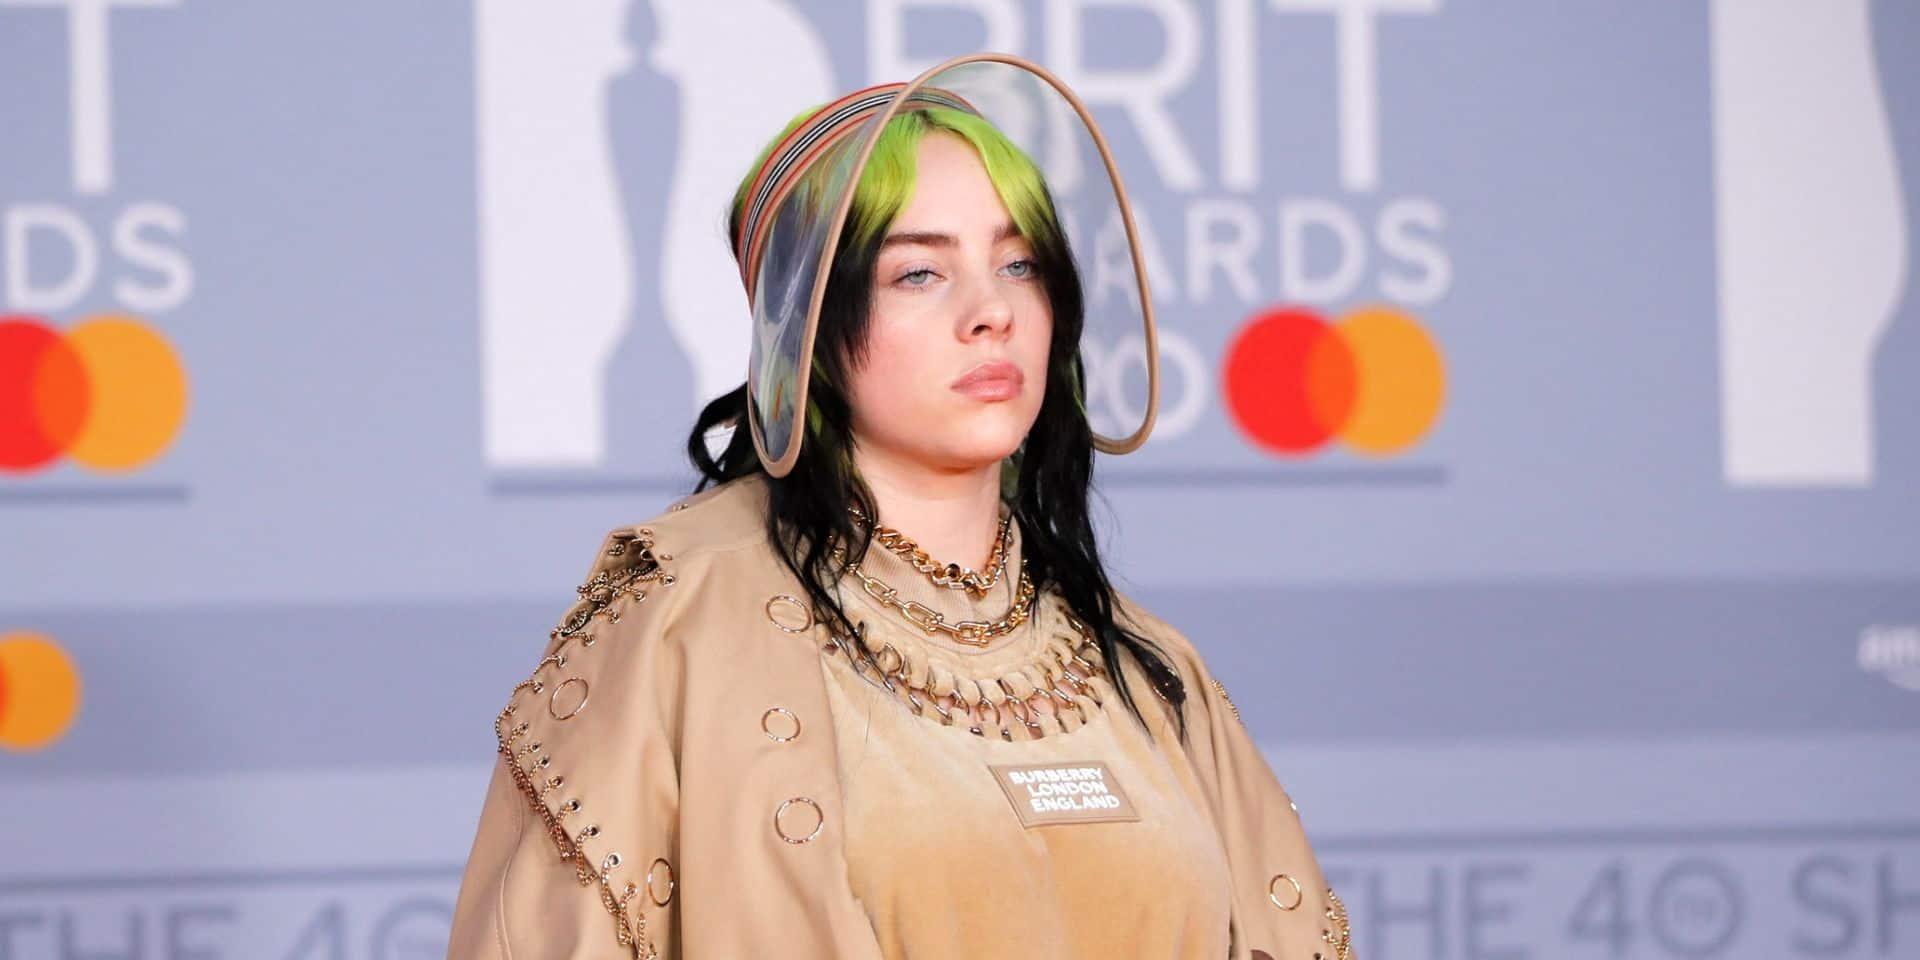 Billie Eilish ne ressemble plus à ça (PHOTOS)